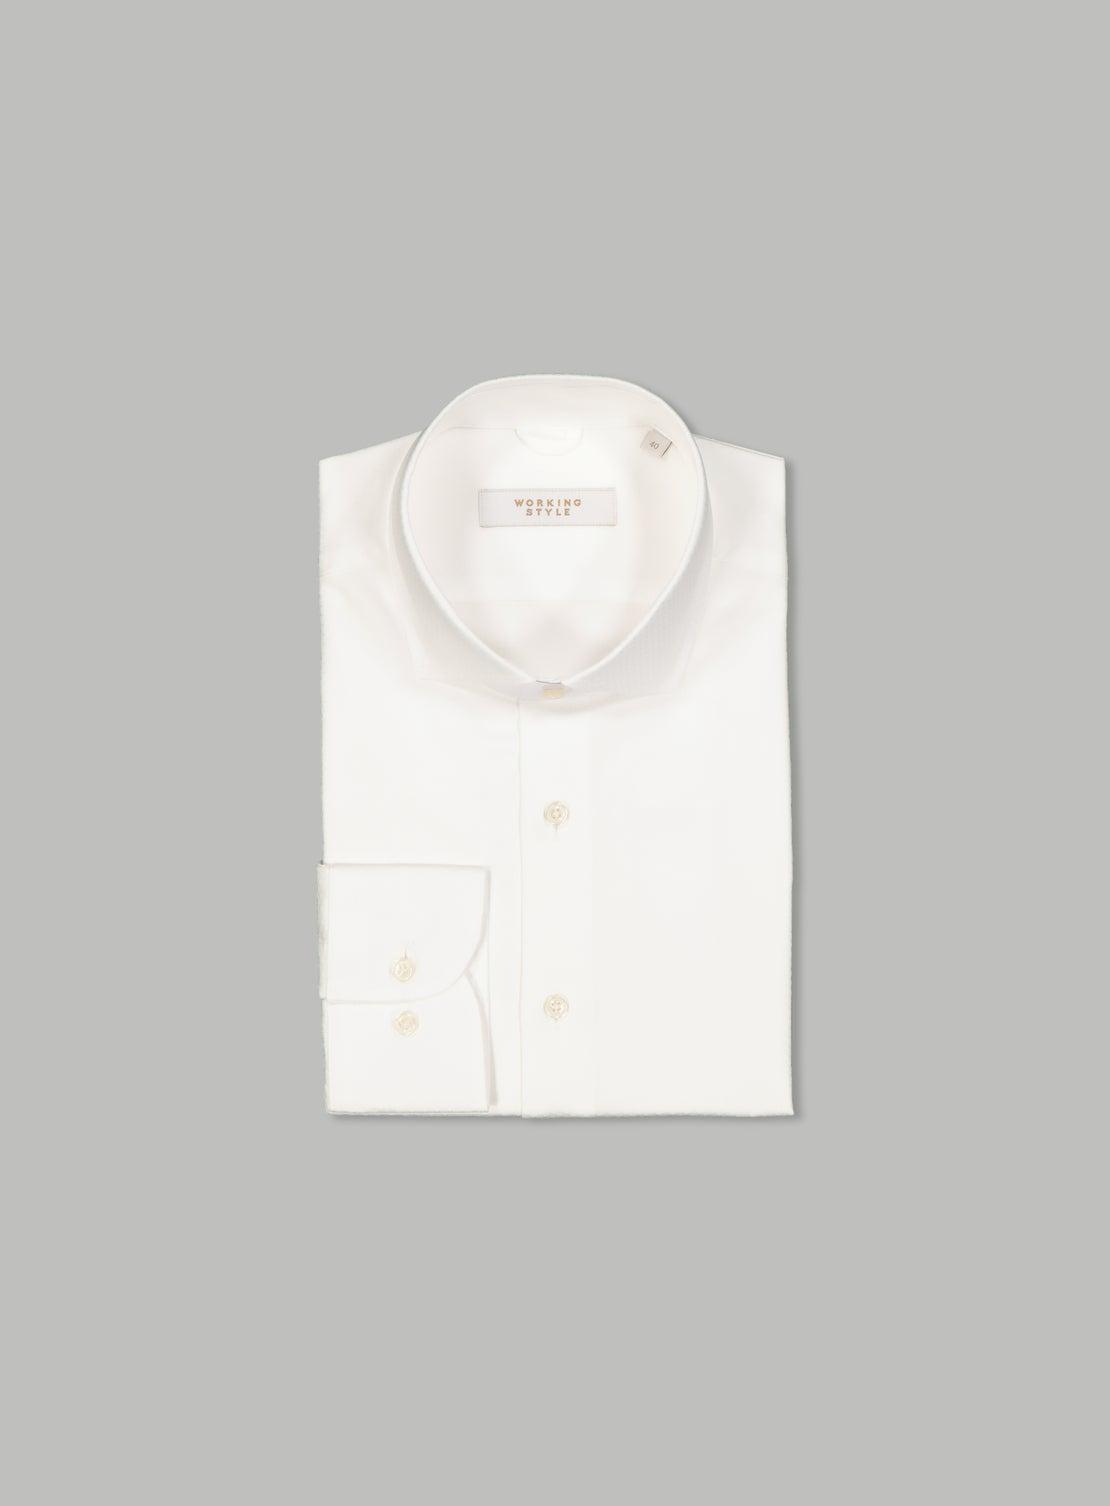 Carlo White Essential Shirt